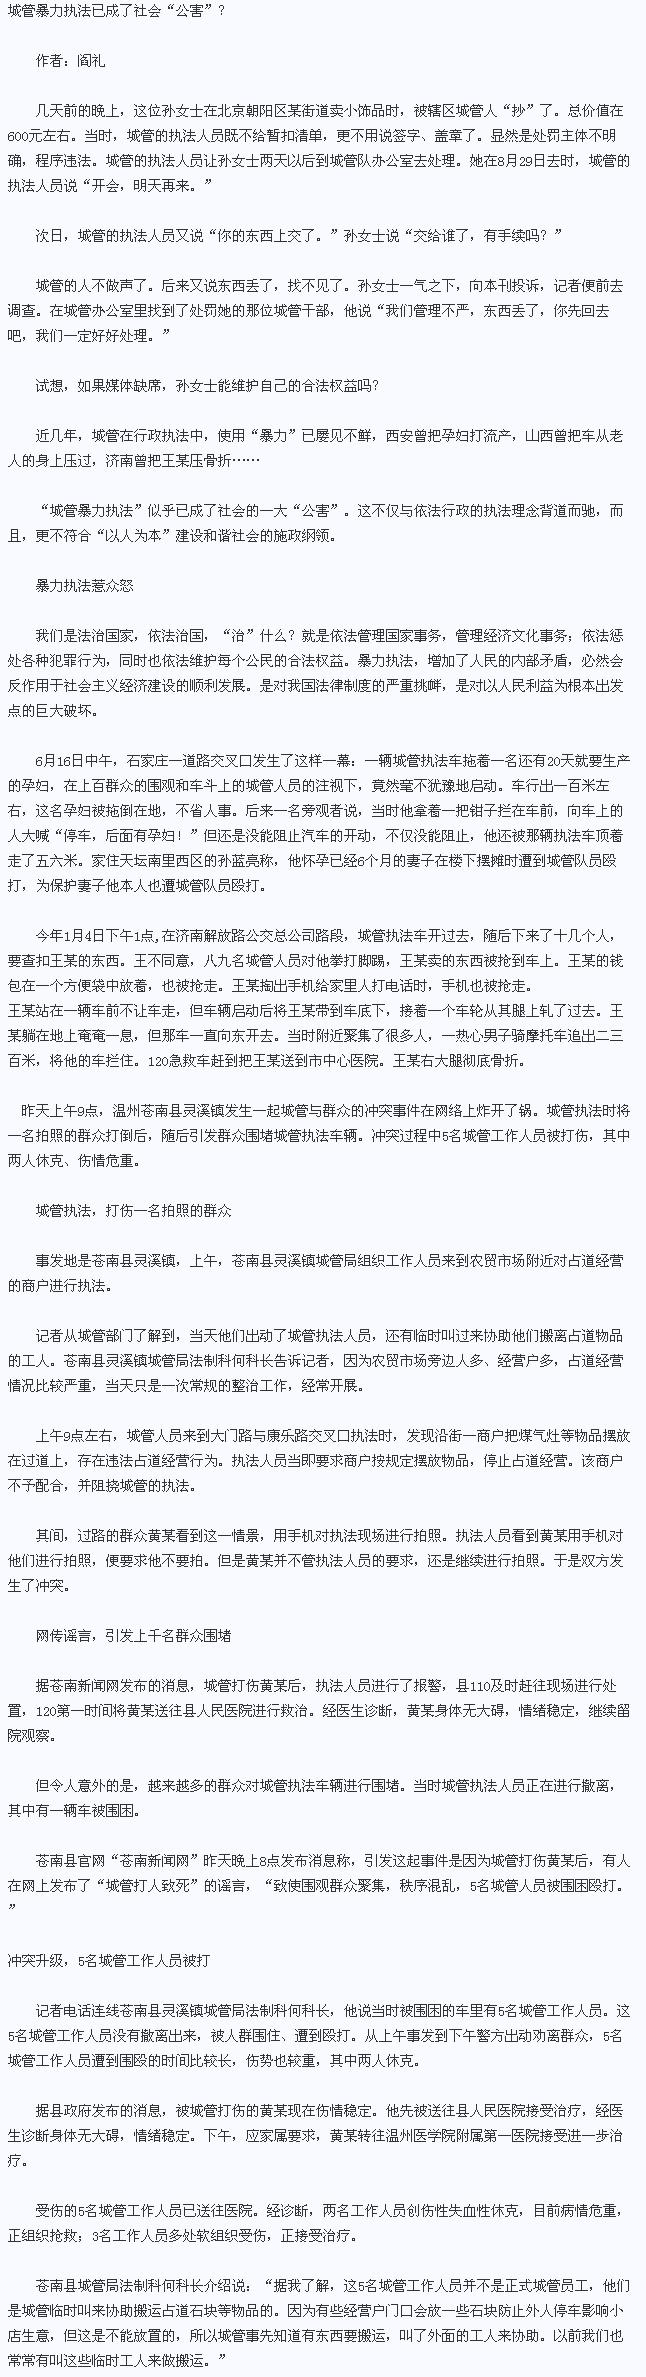 广州城管暴力执法被武警打,城管暴力执法惹众怒被 ...